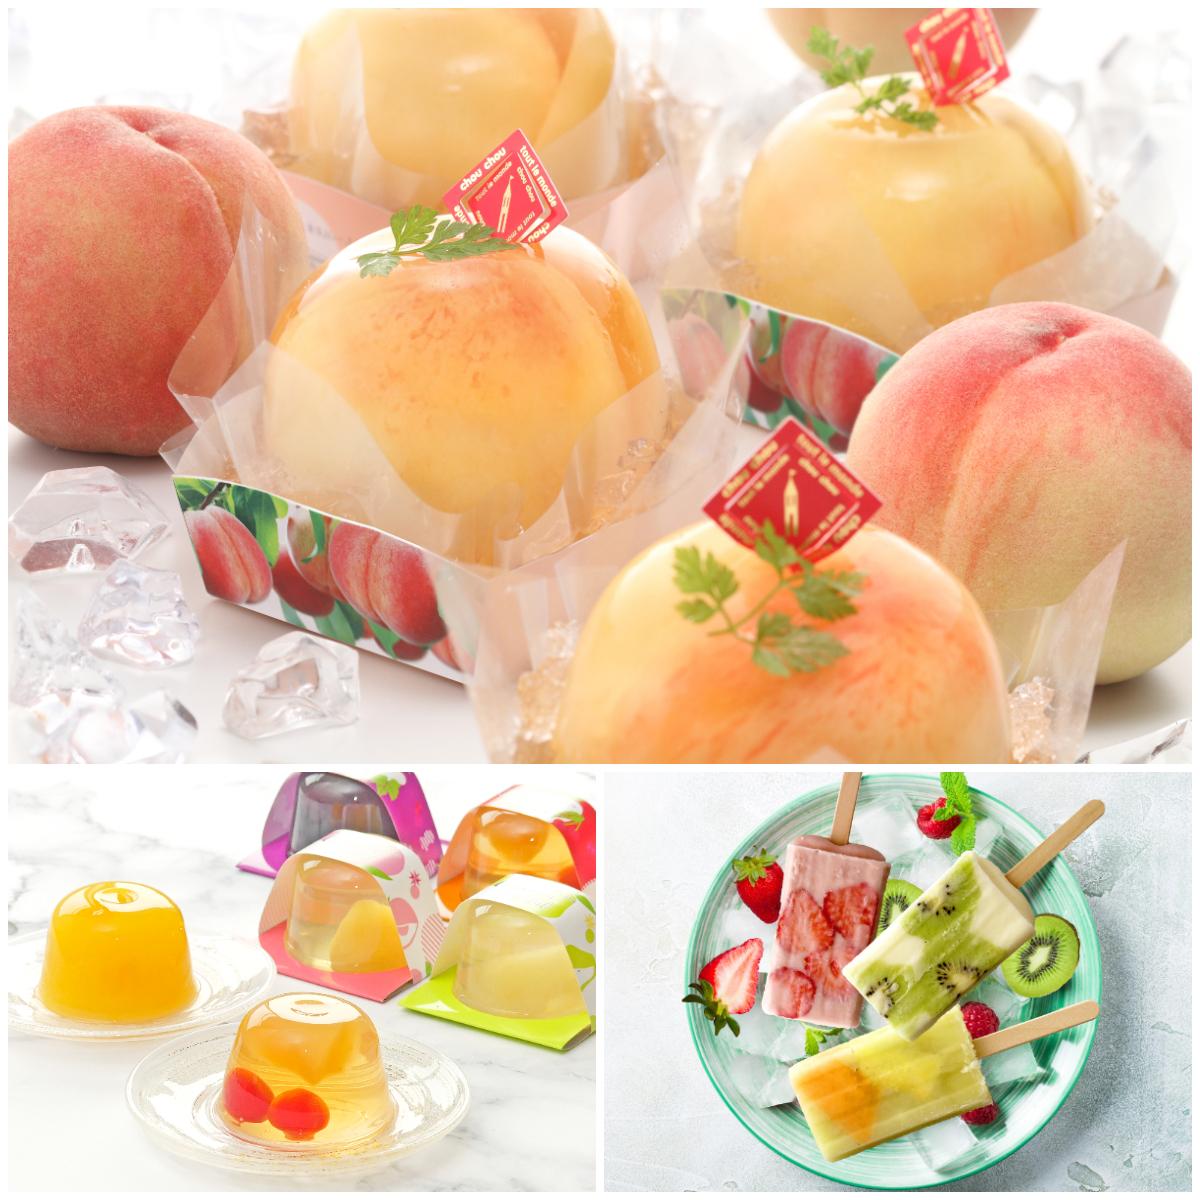 古都金沢の洋菓子専門店トゥール・モンド・シュシュ